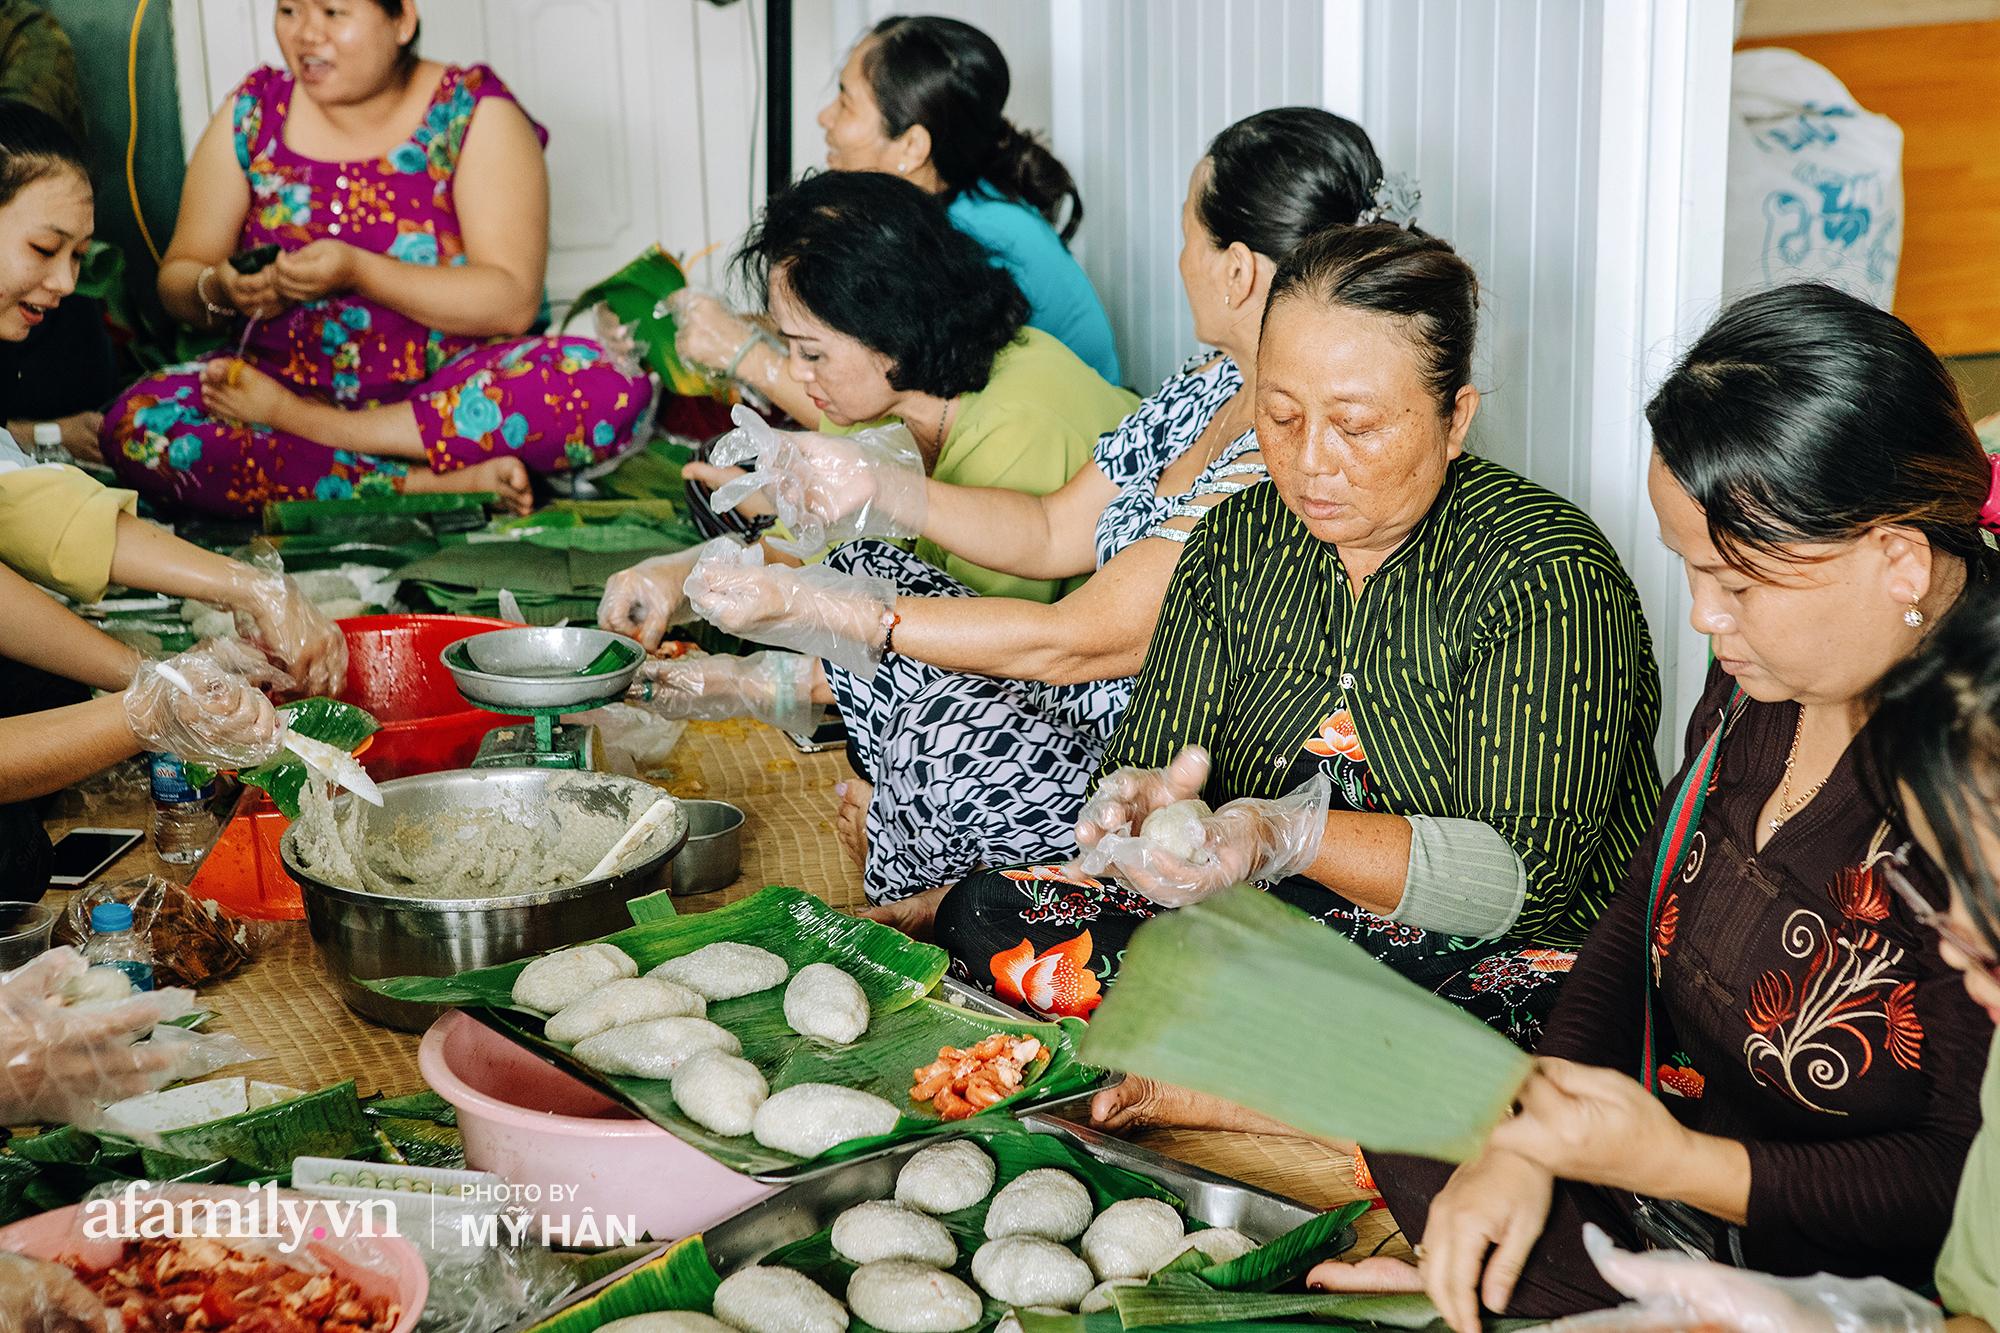 """Người miền Tây tự sáng tạo loại bánh mới có thể tích trữ được nhiều ngày để gửi về miền Trung, mới 12 tiếng đã """"thần tốc"""" gói 5.000 chiếc! - Ảnh 1."""